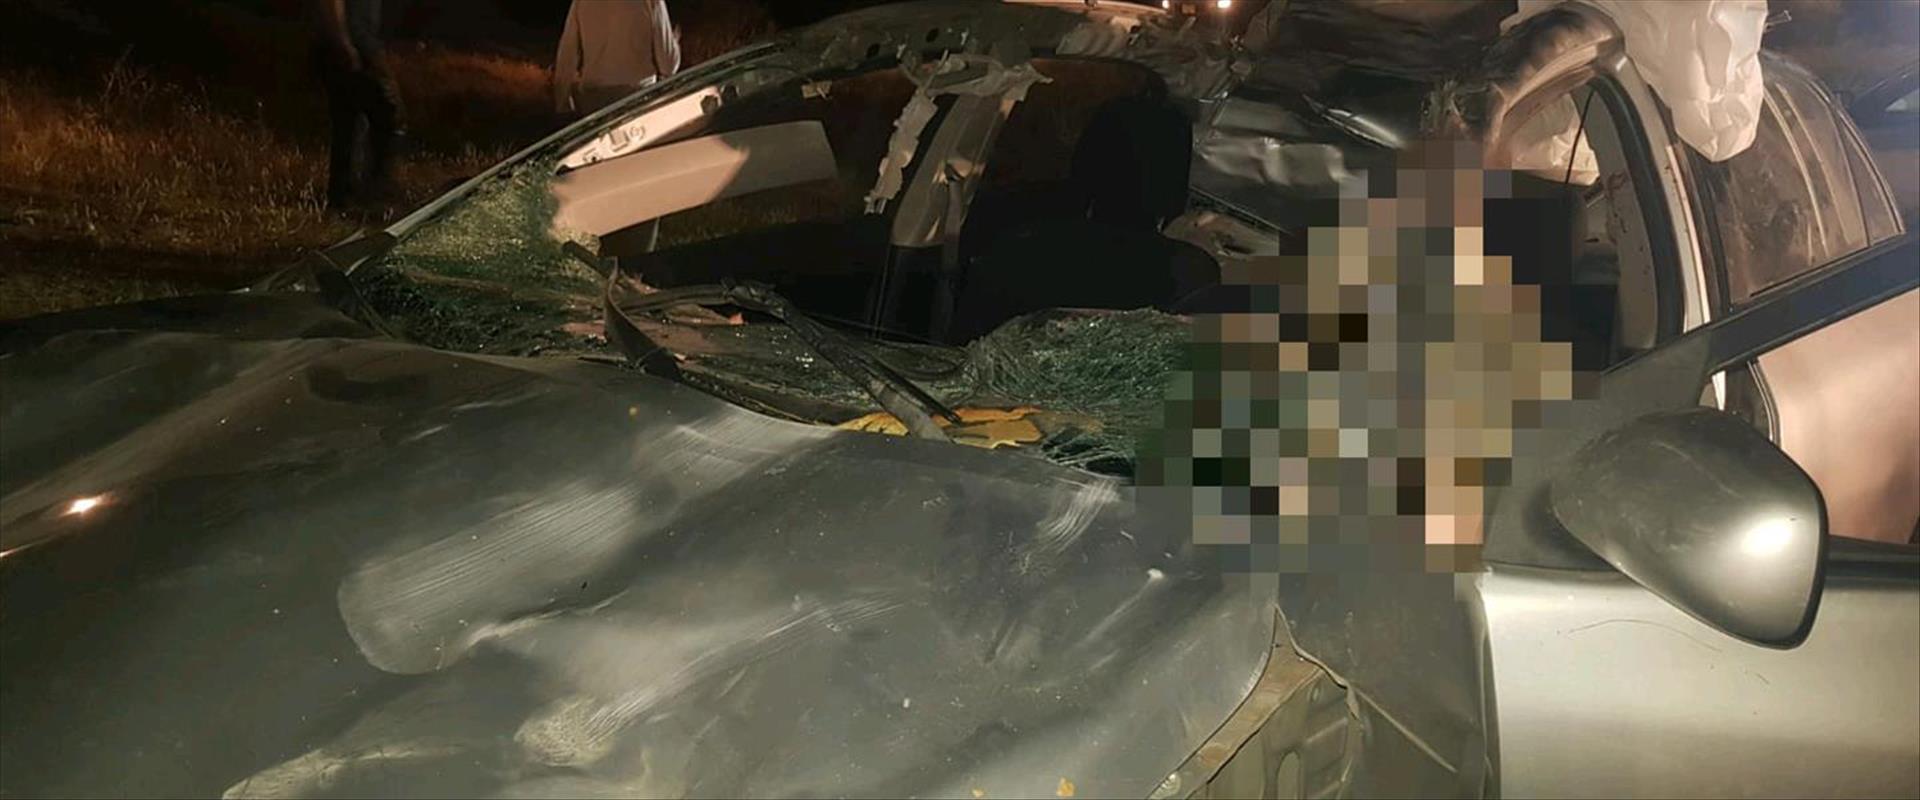 התאונה בכביש 222 בנגב